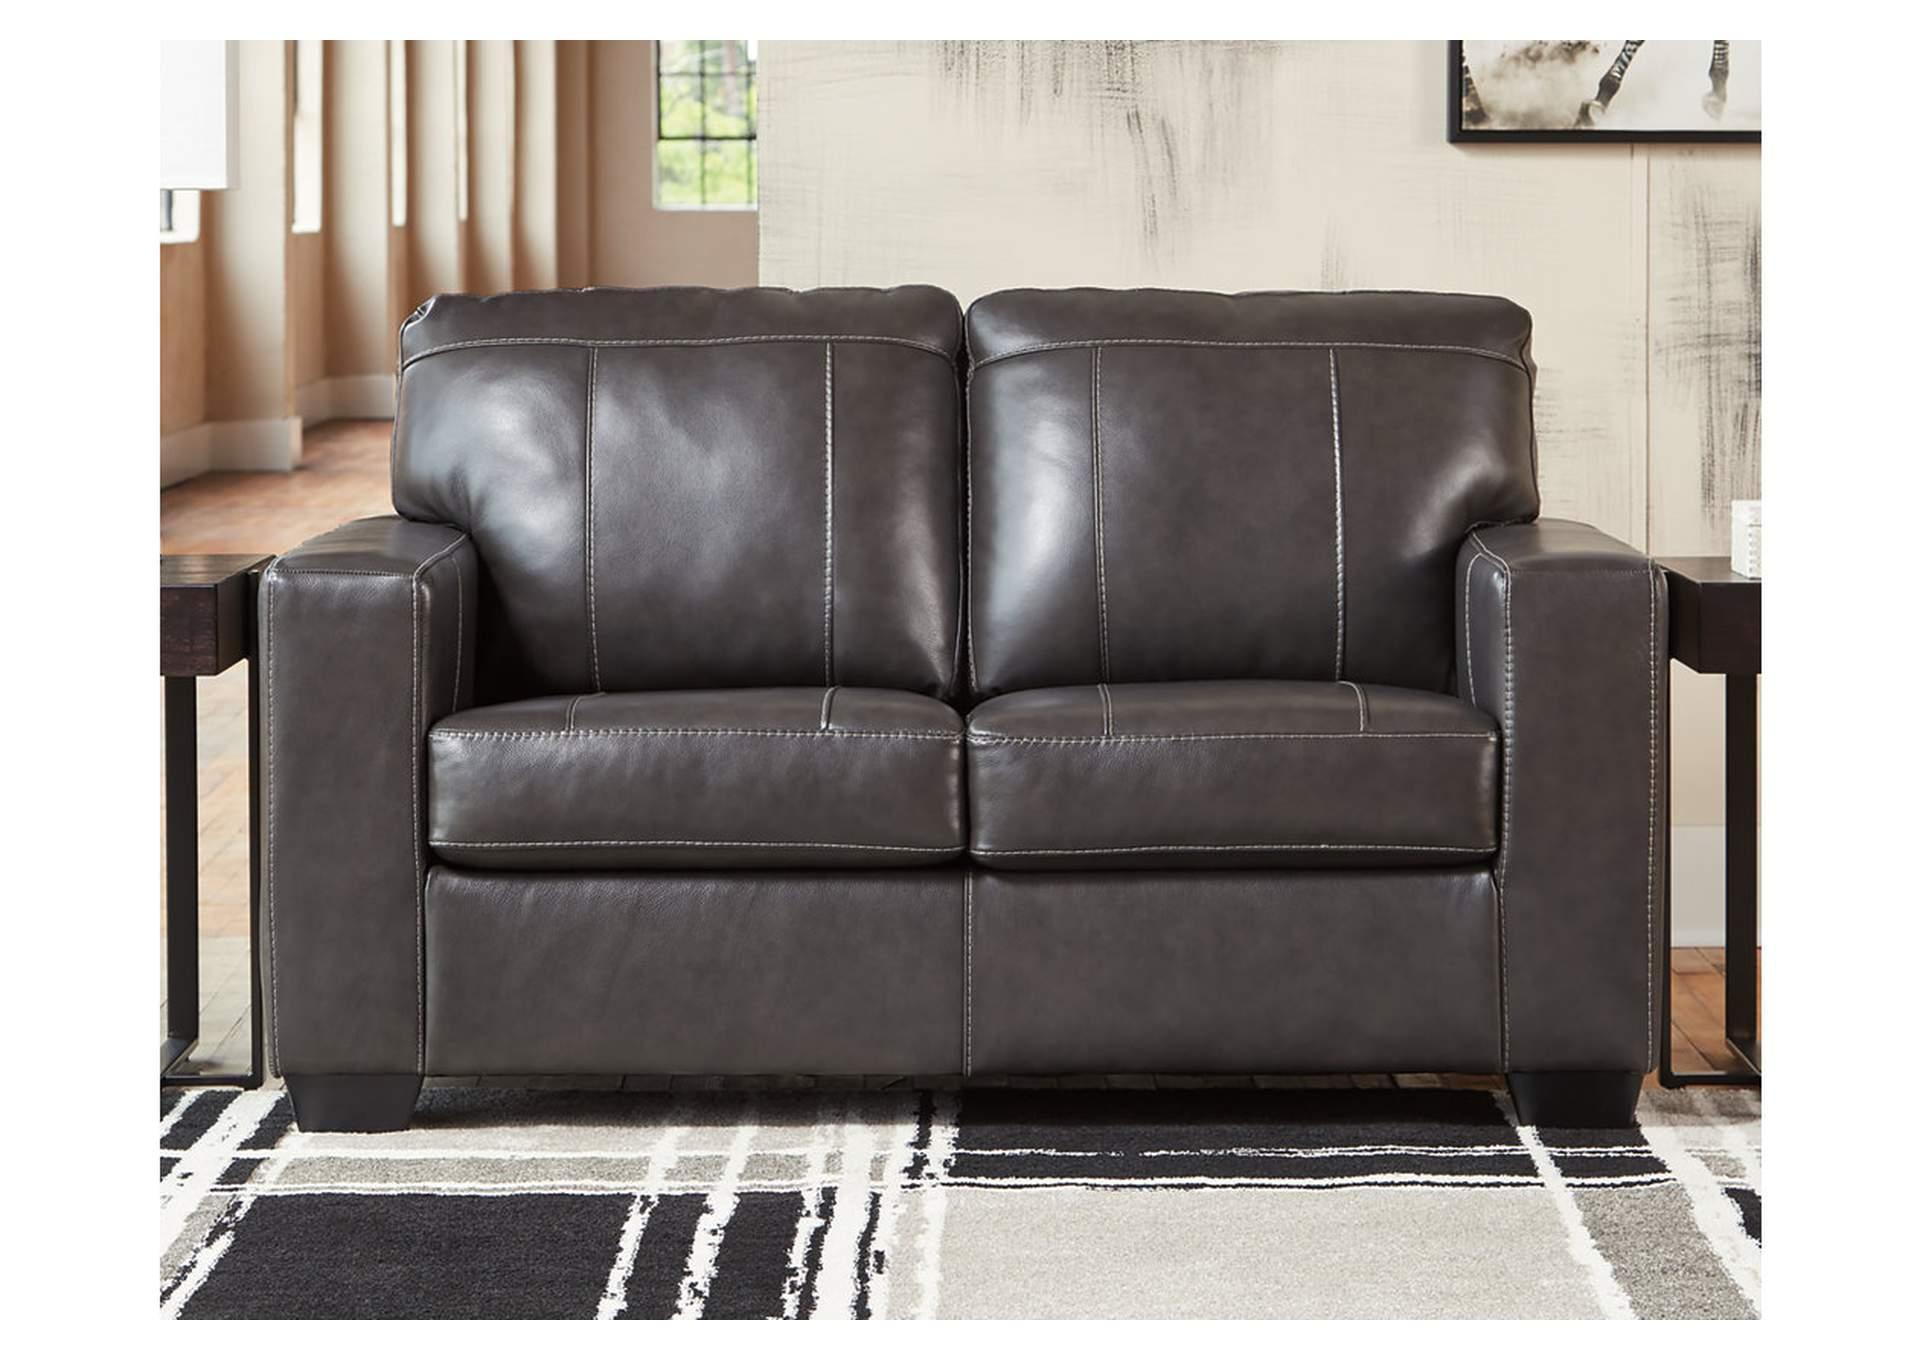 Tremendous American Furniture Design Morelos Gray Loveseat Short Links Chair Design For Home Short Linksinfo